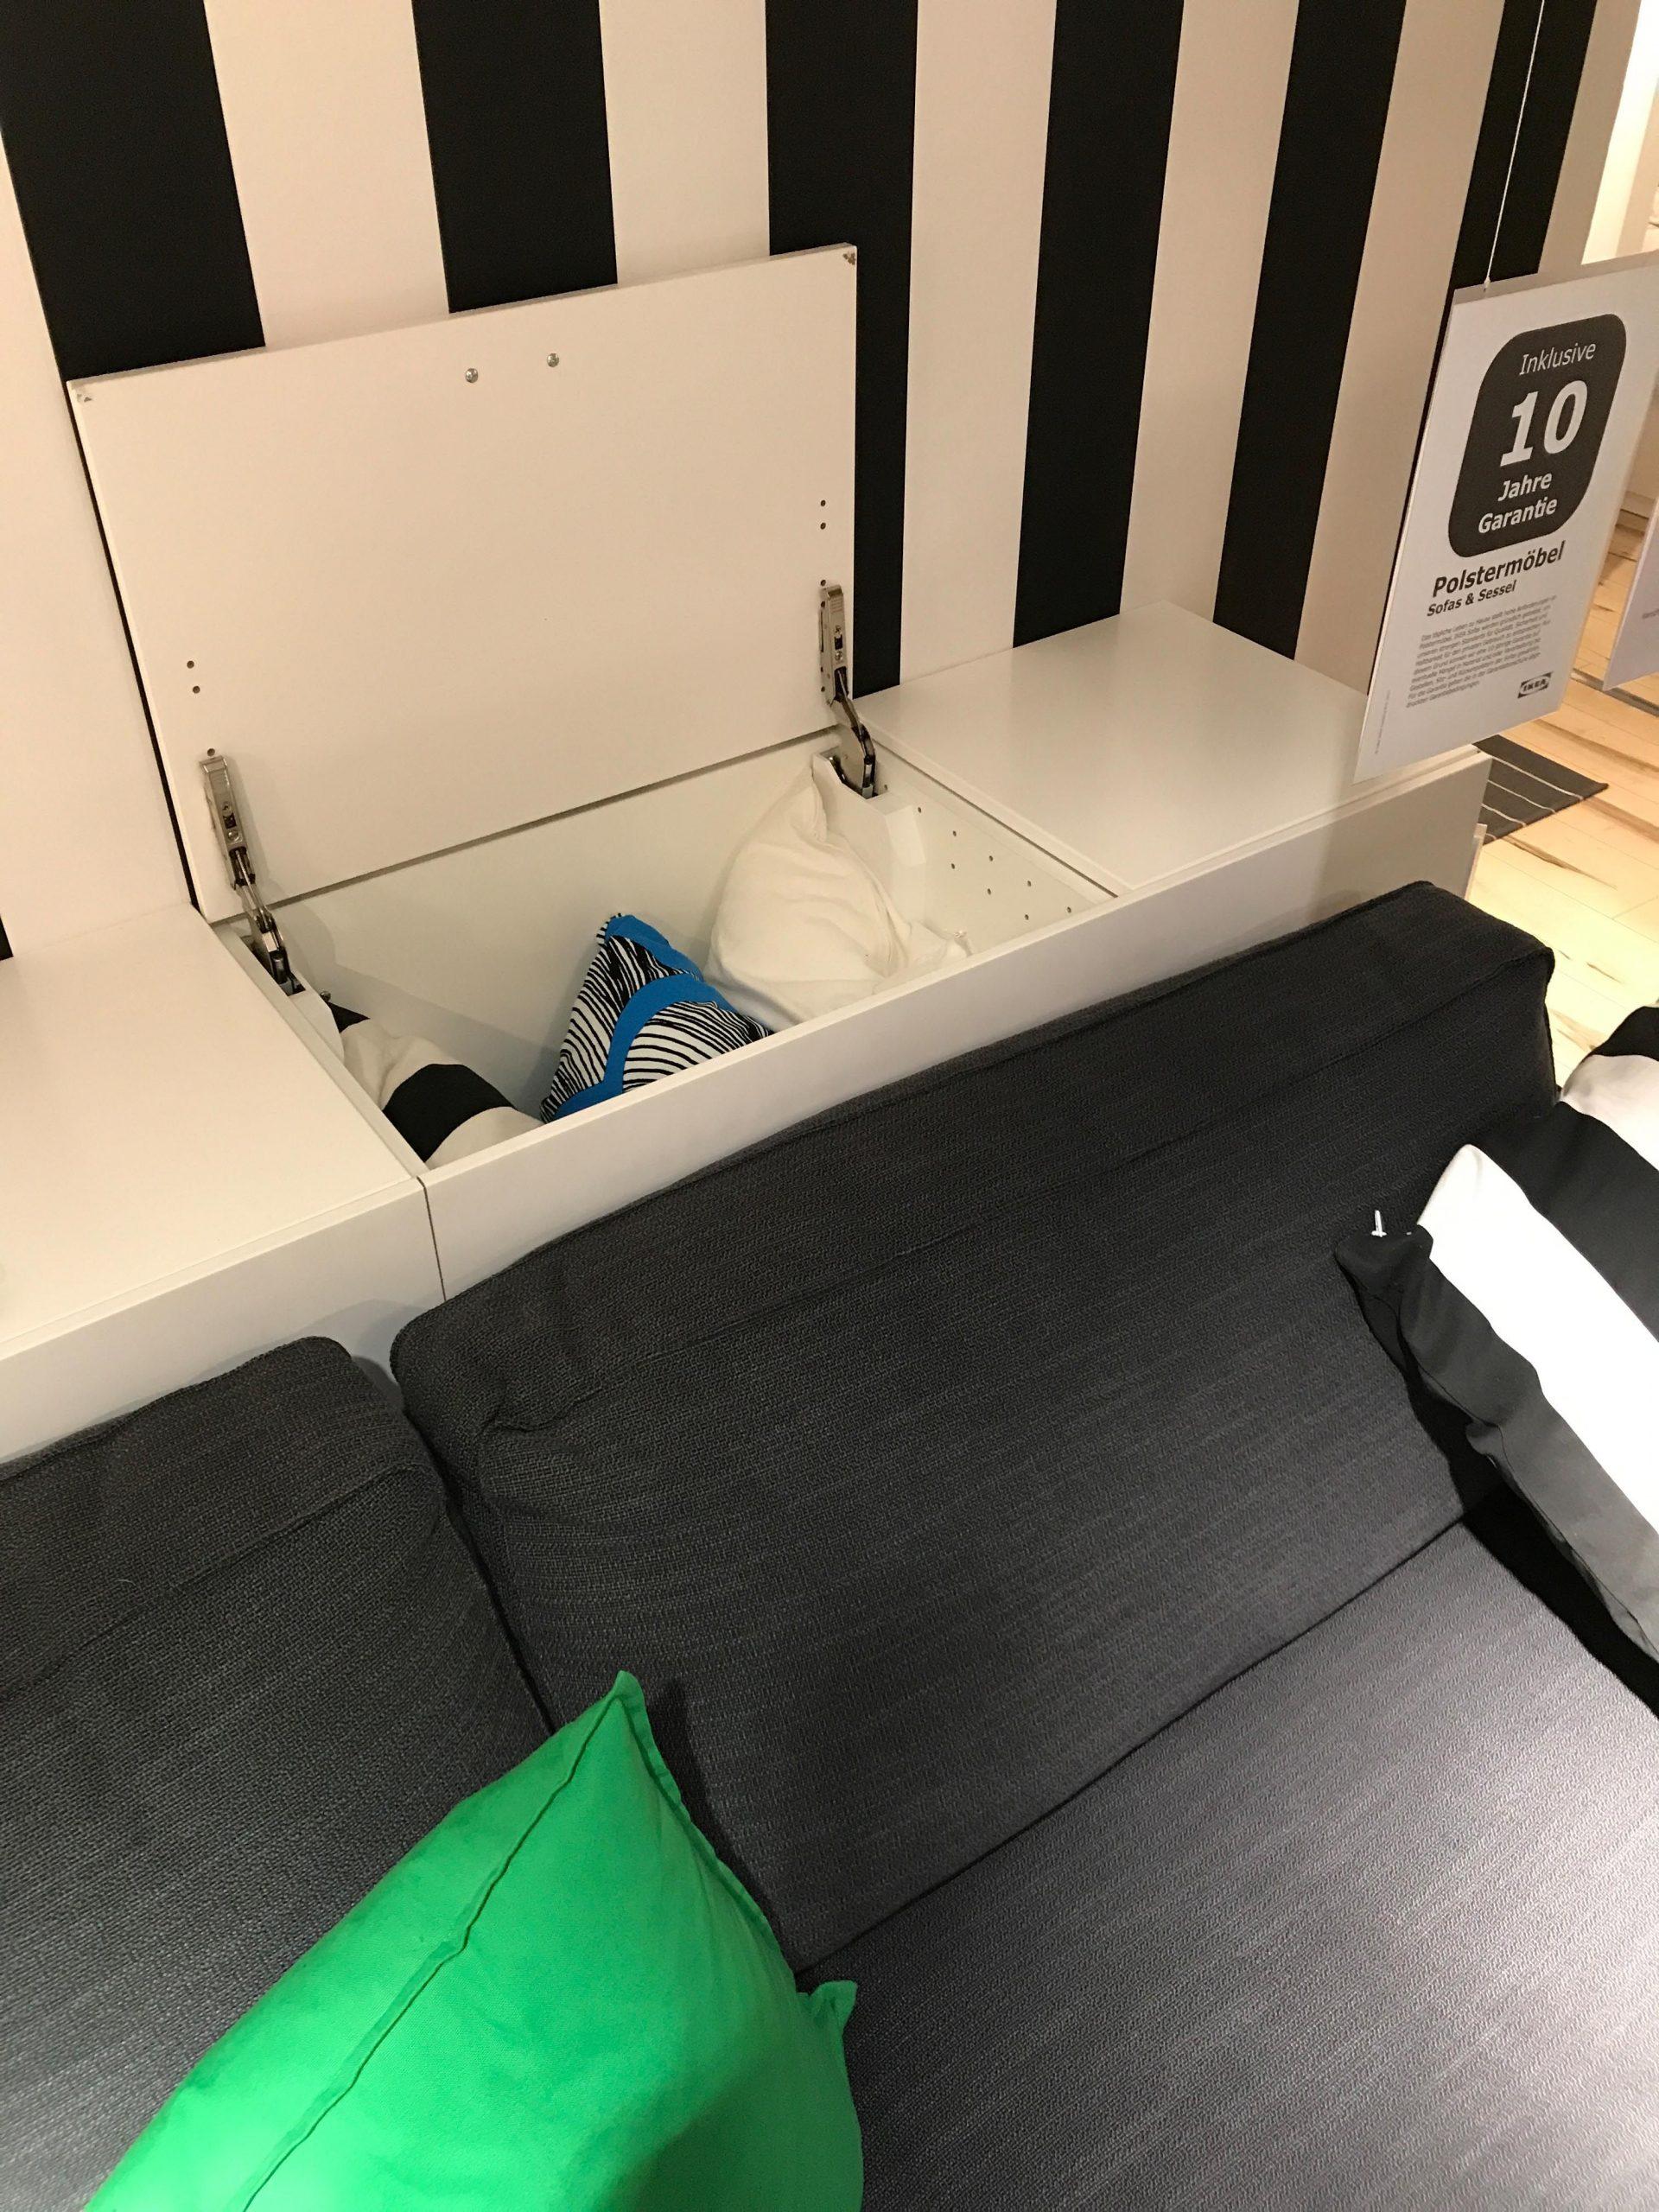 Full Size of Ikea Kchen Hngeschrank Liegend Als Stauraum Hinter Dem Sofa Bad Hängeschrank Weiß Hochglanz Küche Höhe Modulküche Wohnzimmer Kosten Badezimmer Miniküche Wohnzimmer Ikea Hängeschrank